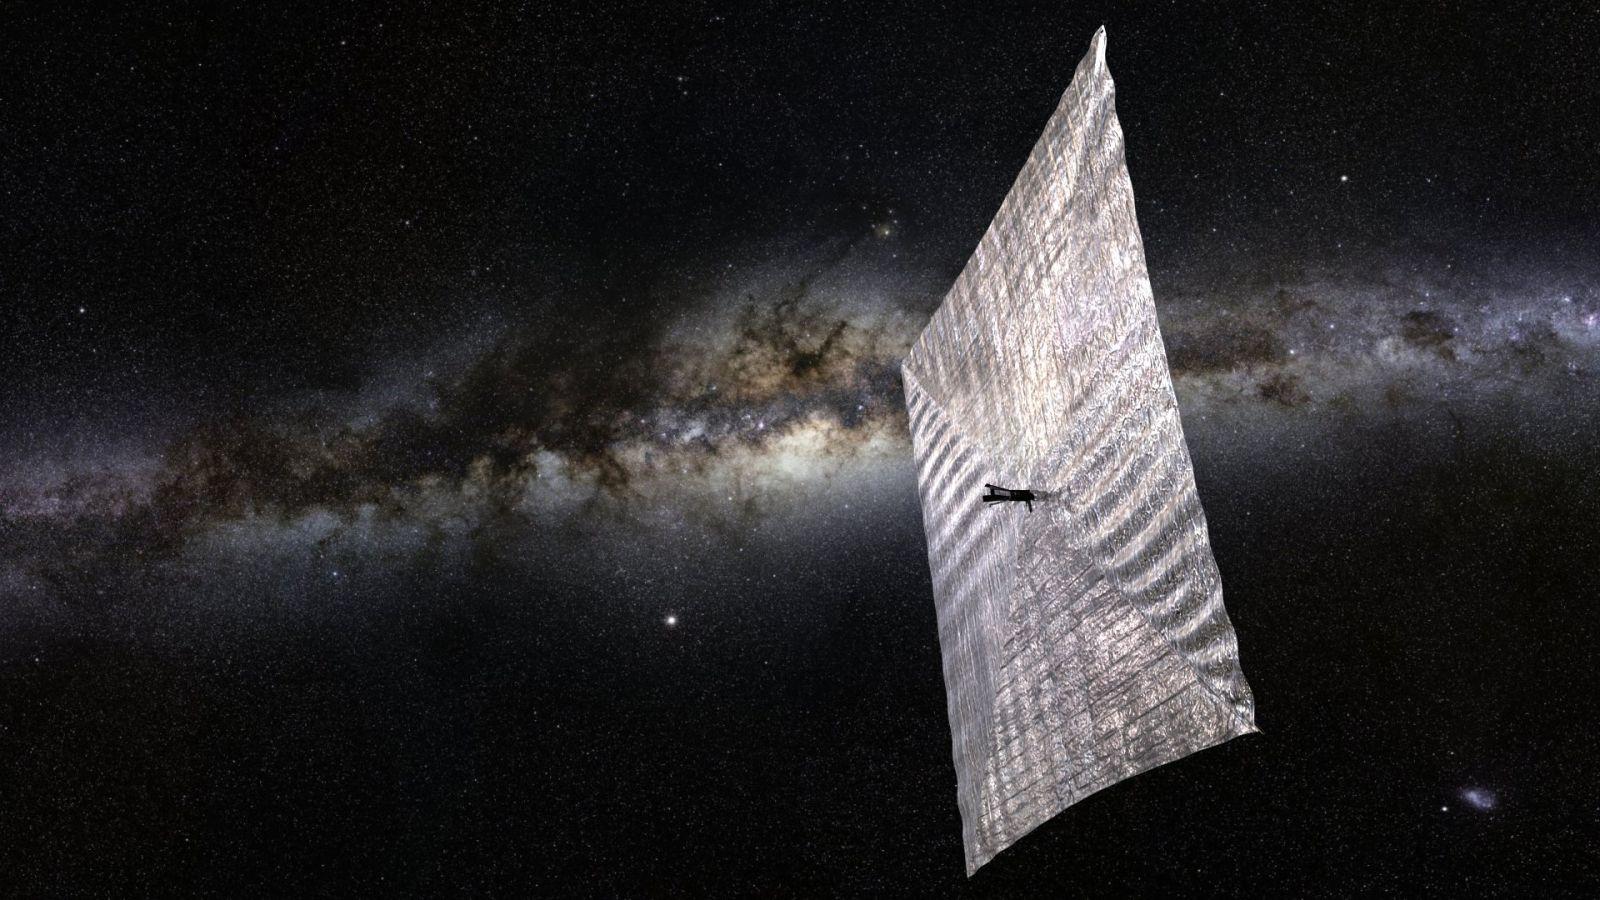 Image: LightSail 1, Planetary Society